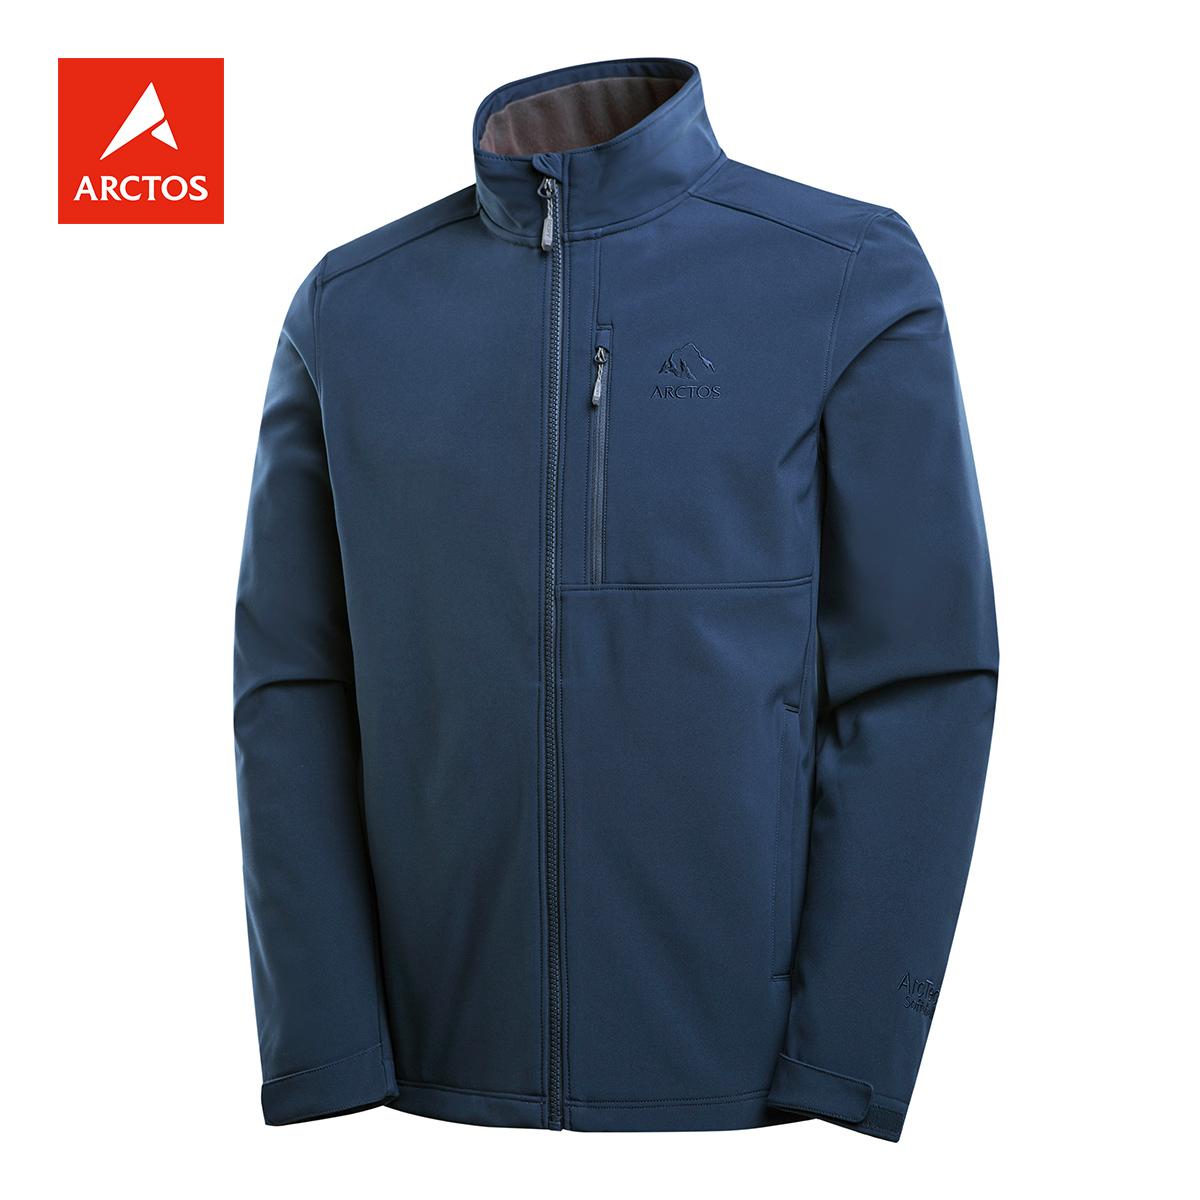 土拨鼠代工厂 Arctos 极星户外 情侣款 软壳夹克 双重优惠折后¥162.1包邮 多色可选